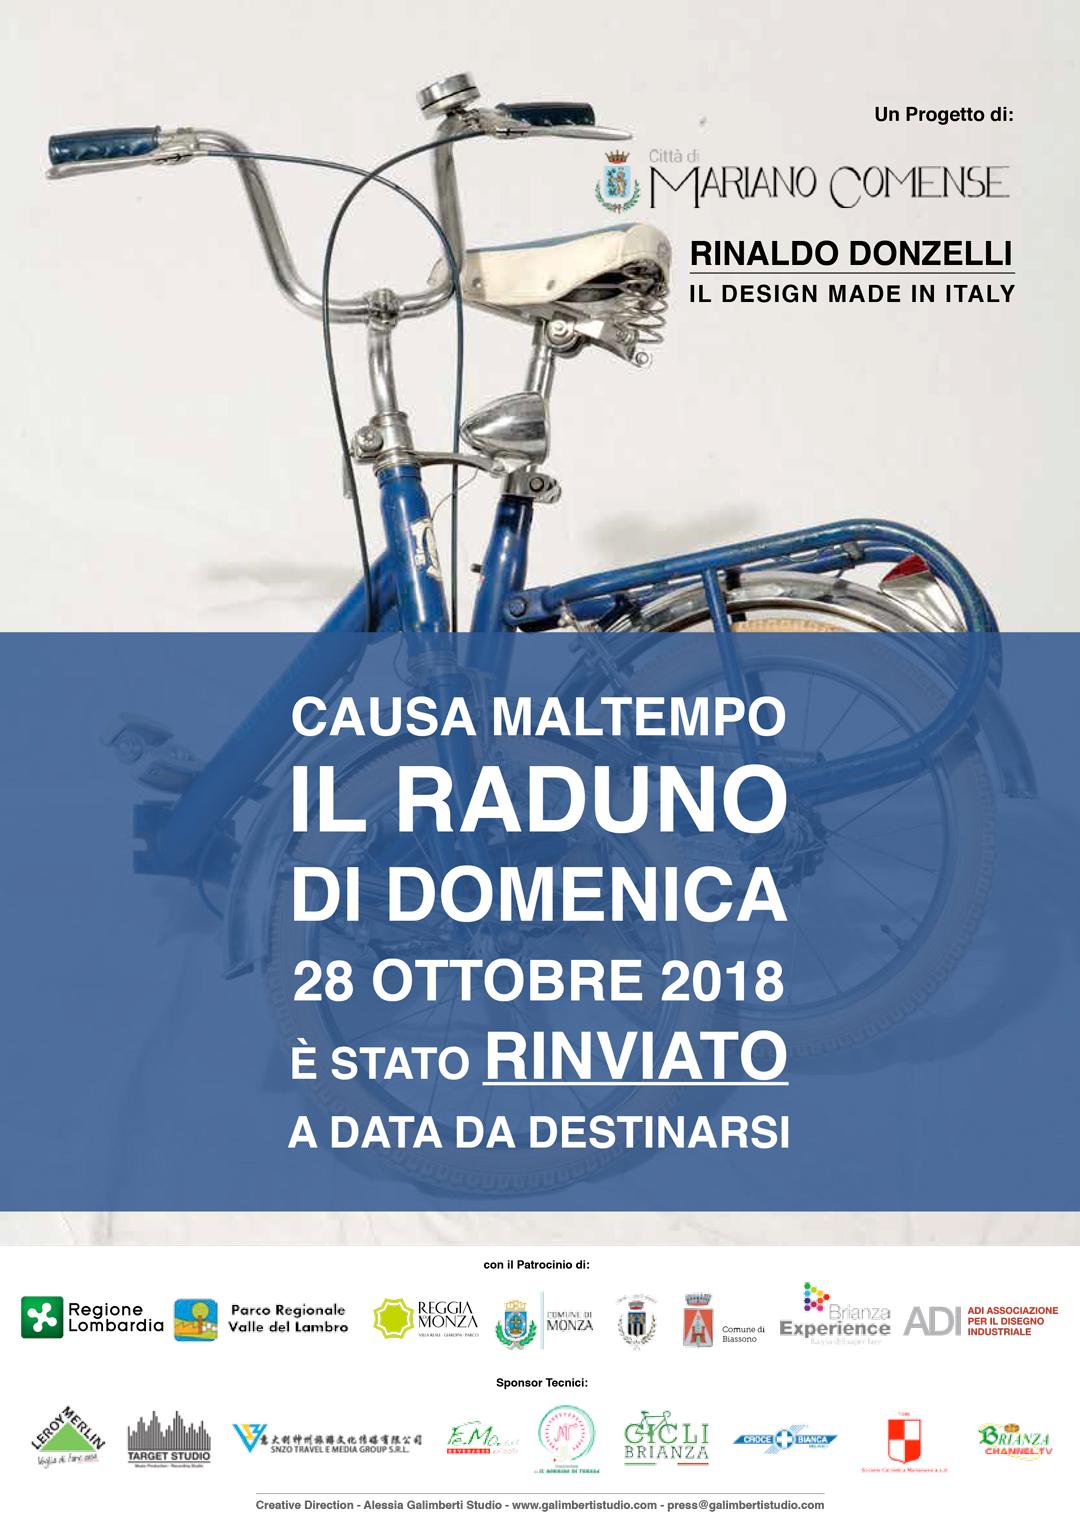 rinaldo-donzelli-rinvio-raduno